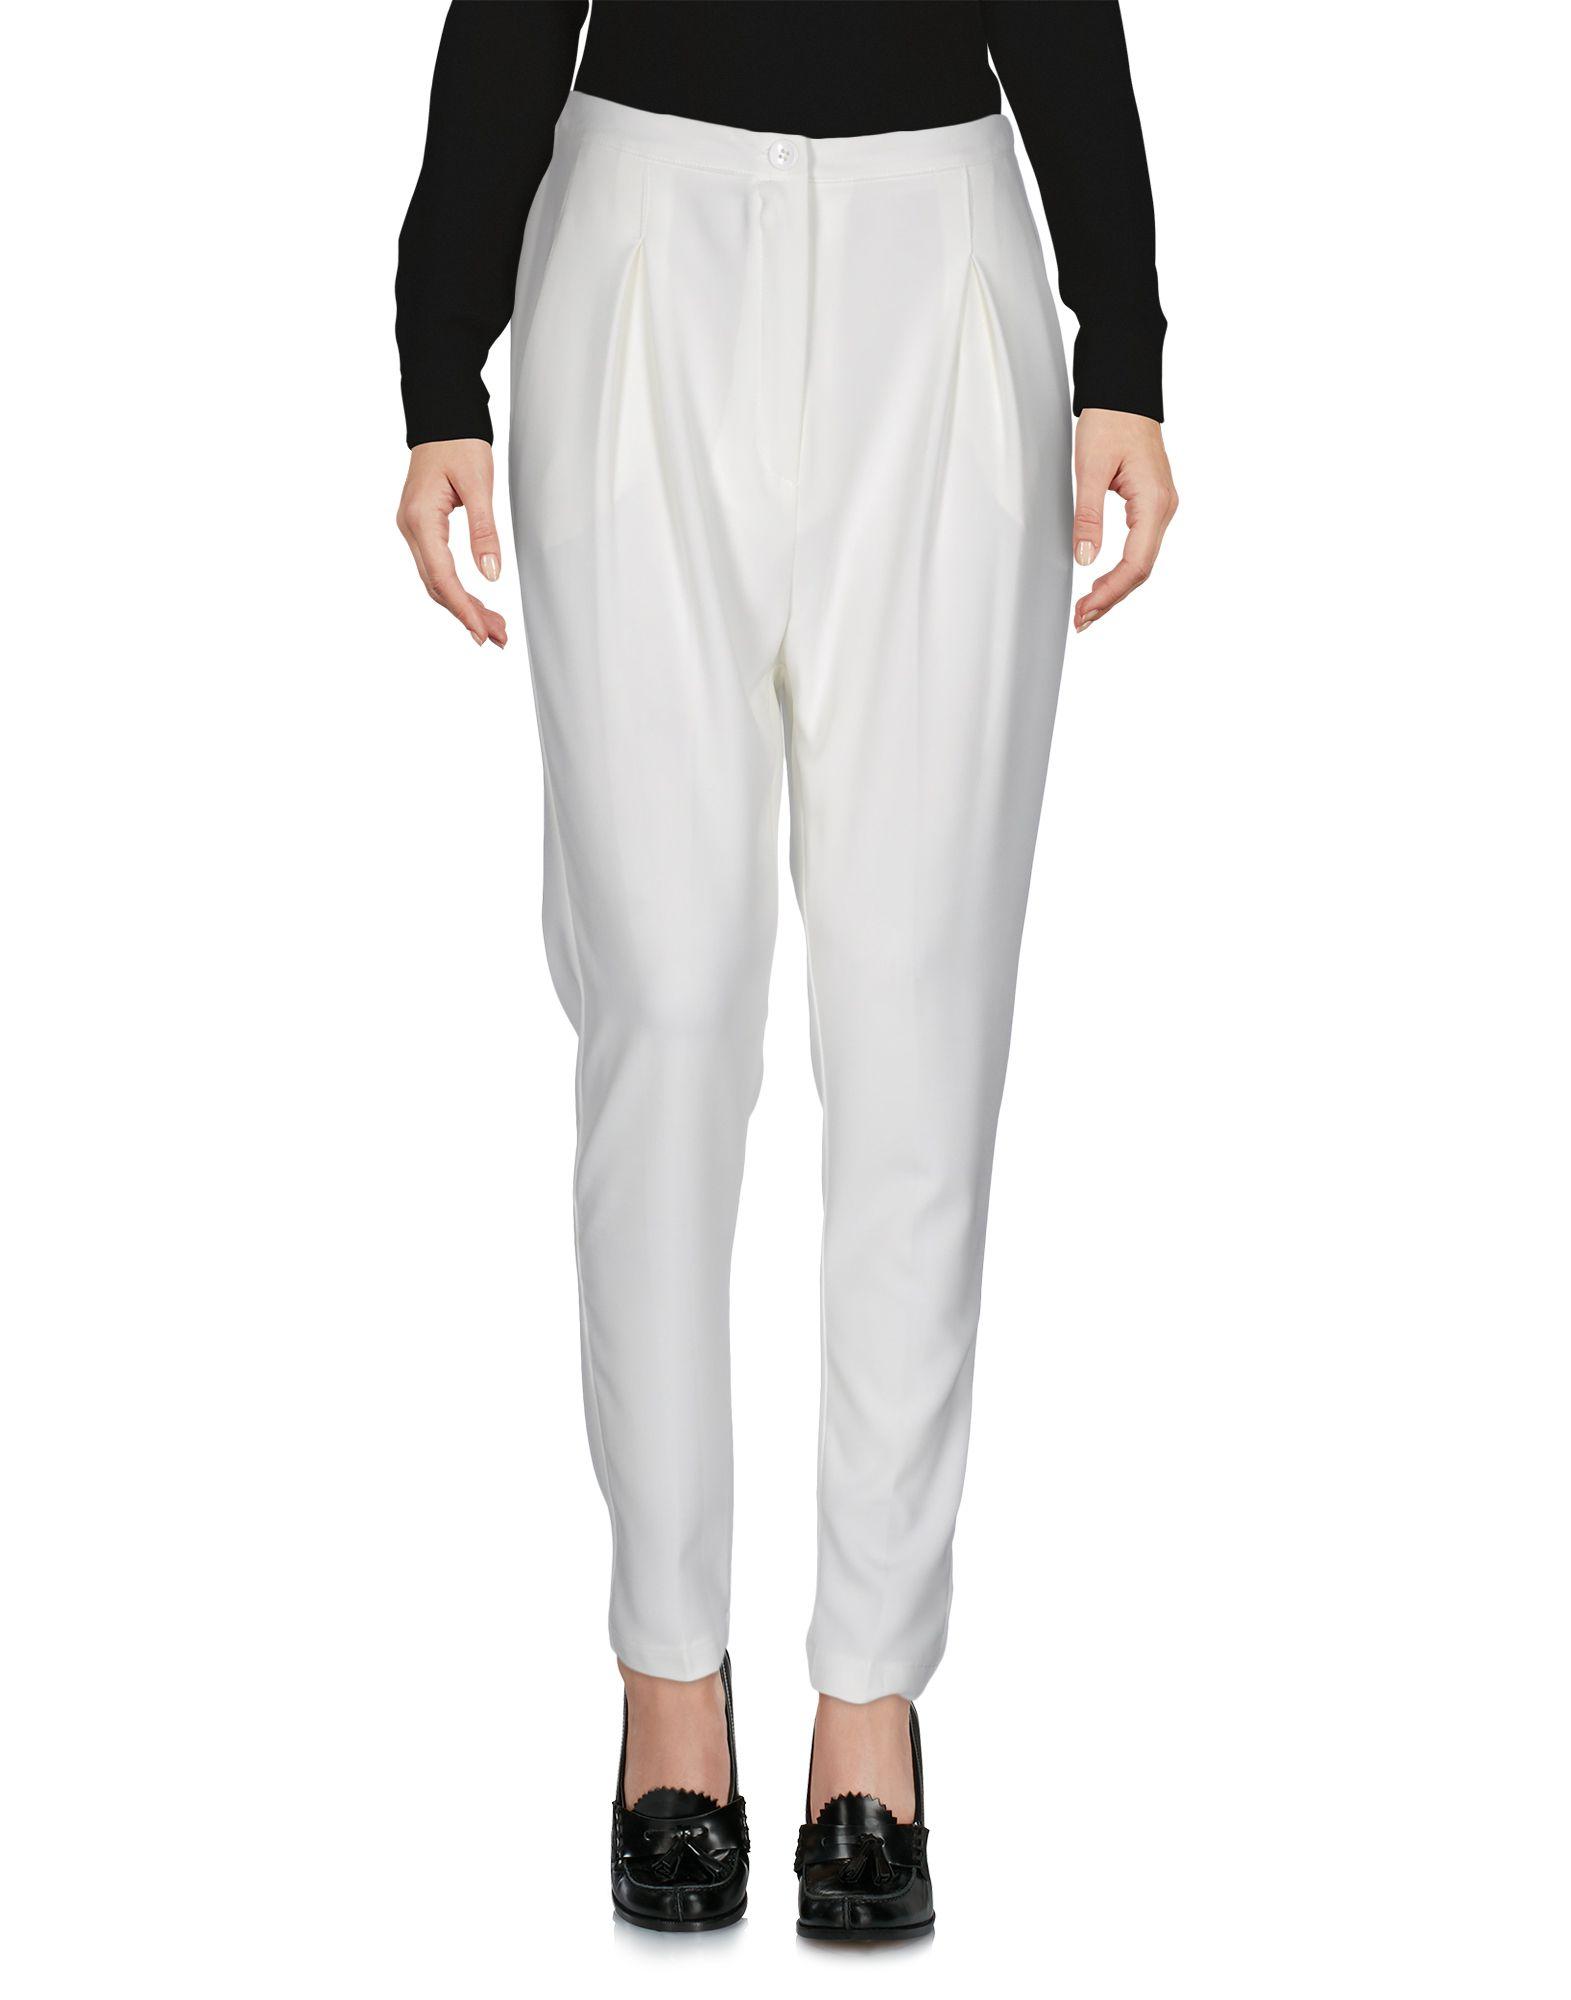 Pantalone Berna damen - 13025163IG